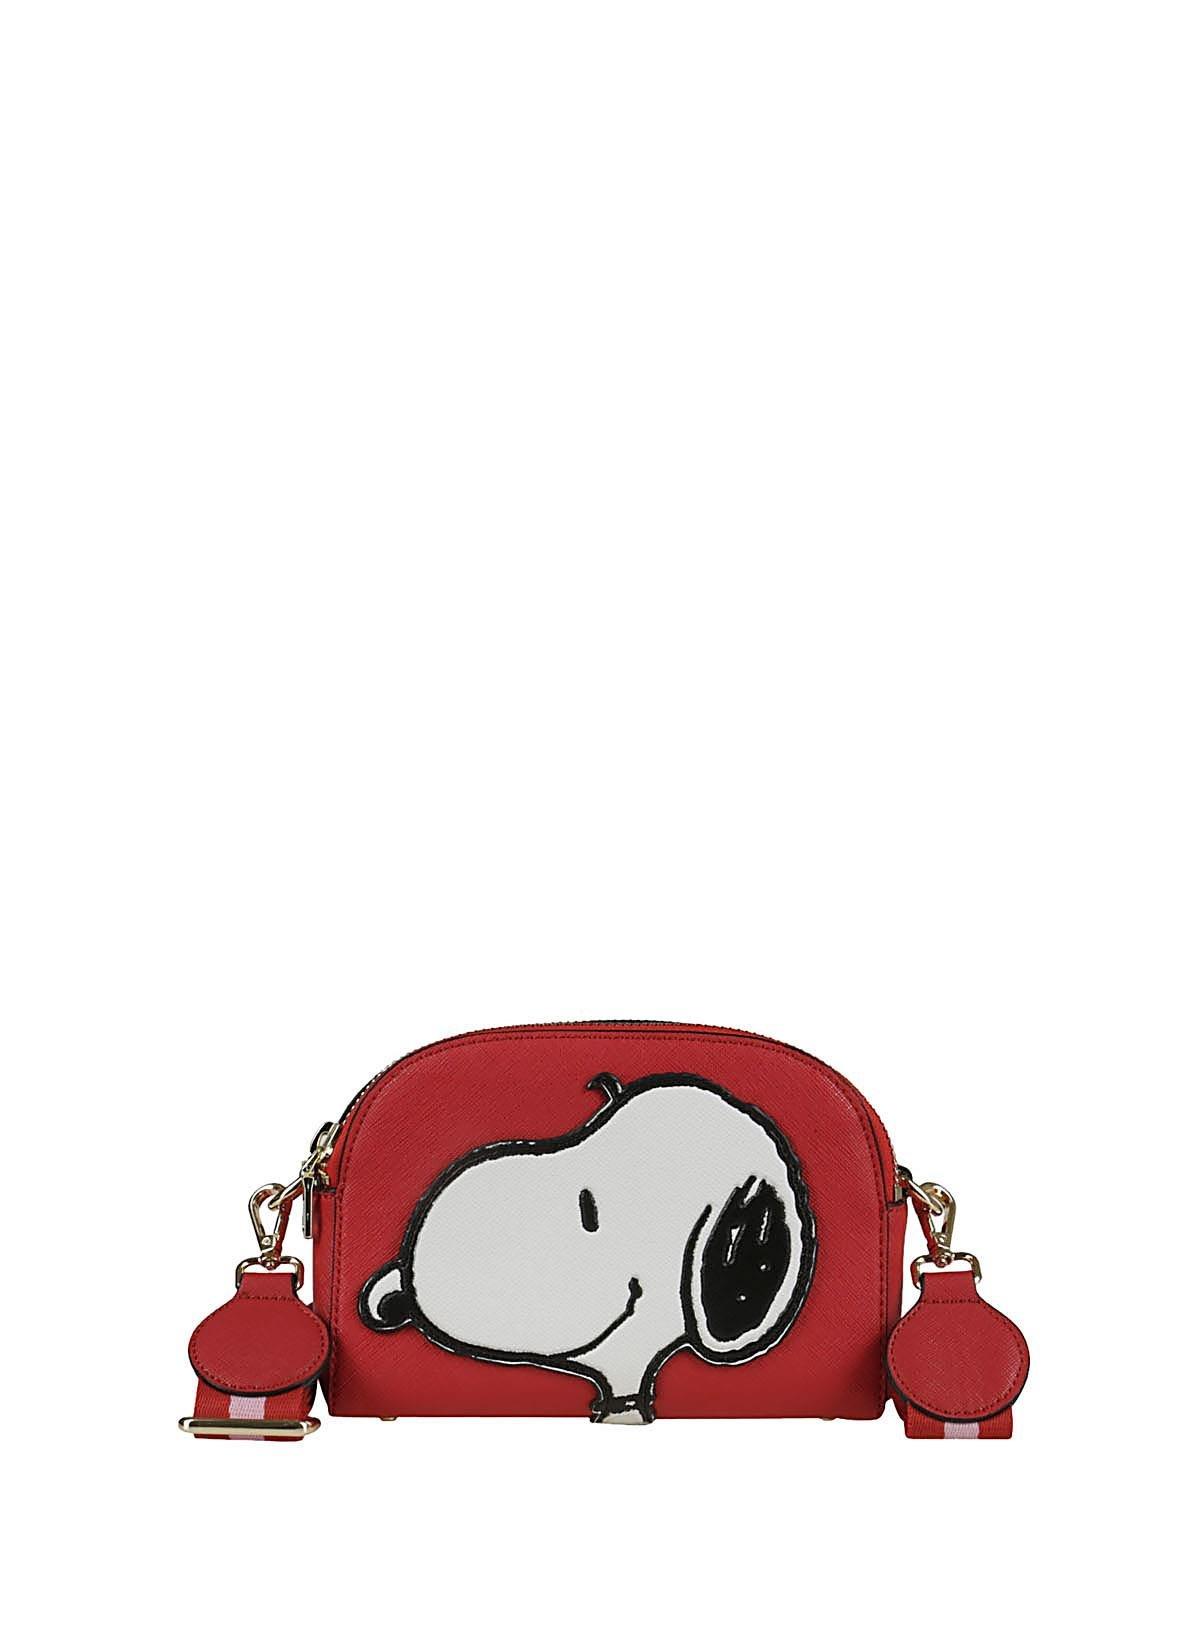 Essentiel Women's Polippiar20 Red Leather Beauty Case